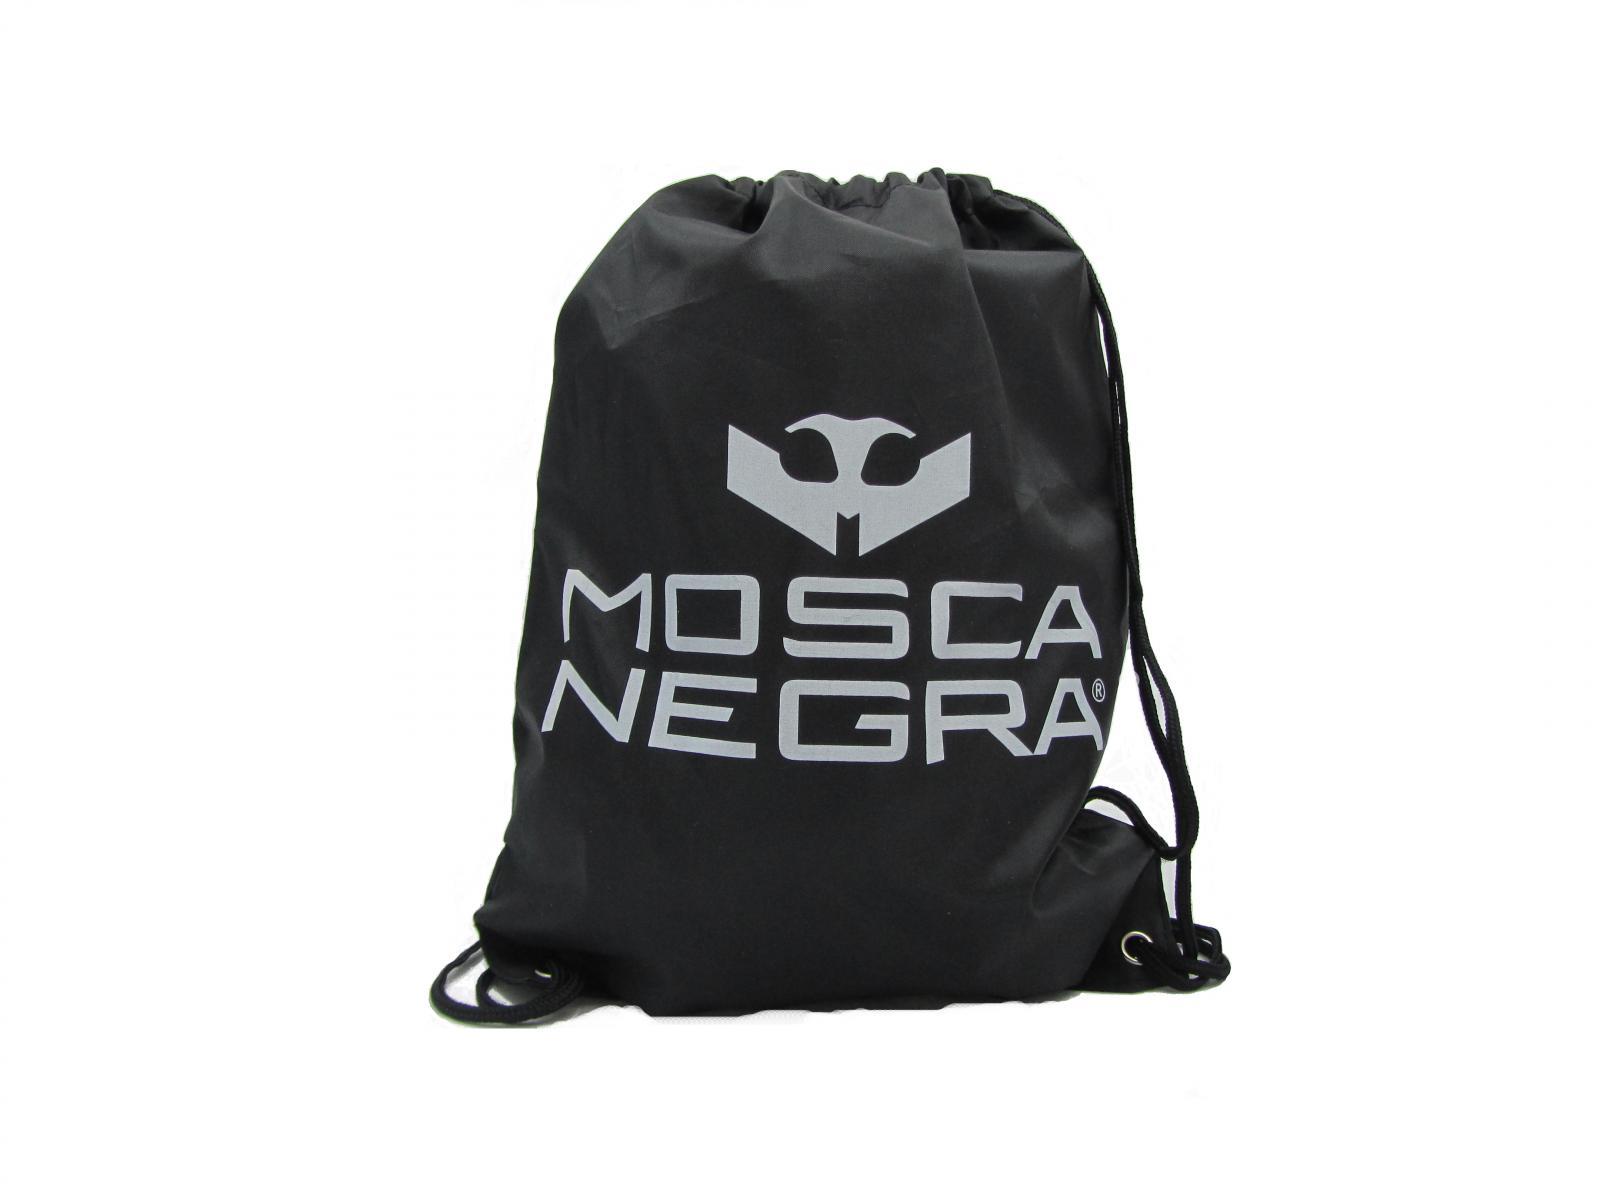 Bolsa Mosca Negra en color negro